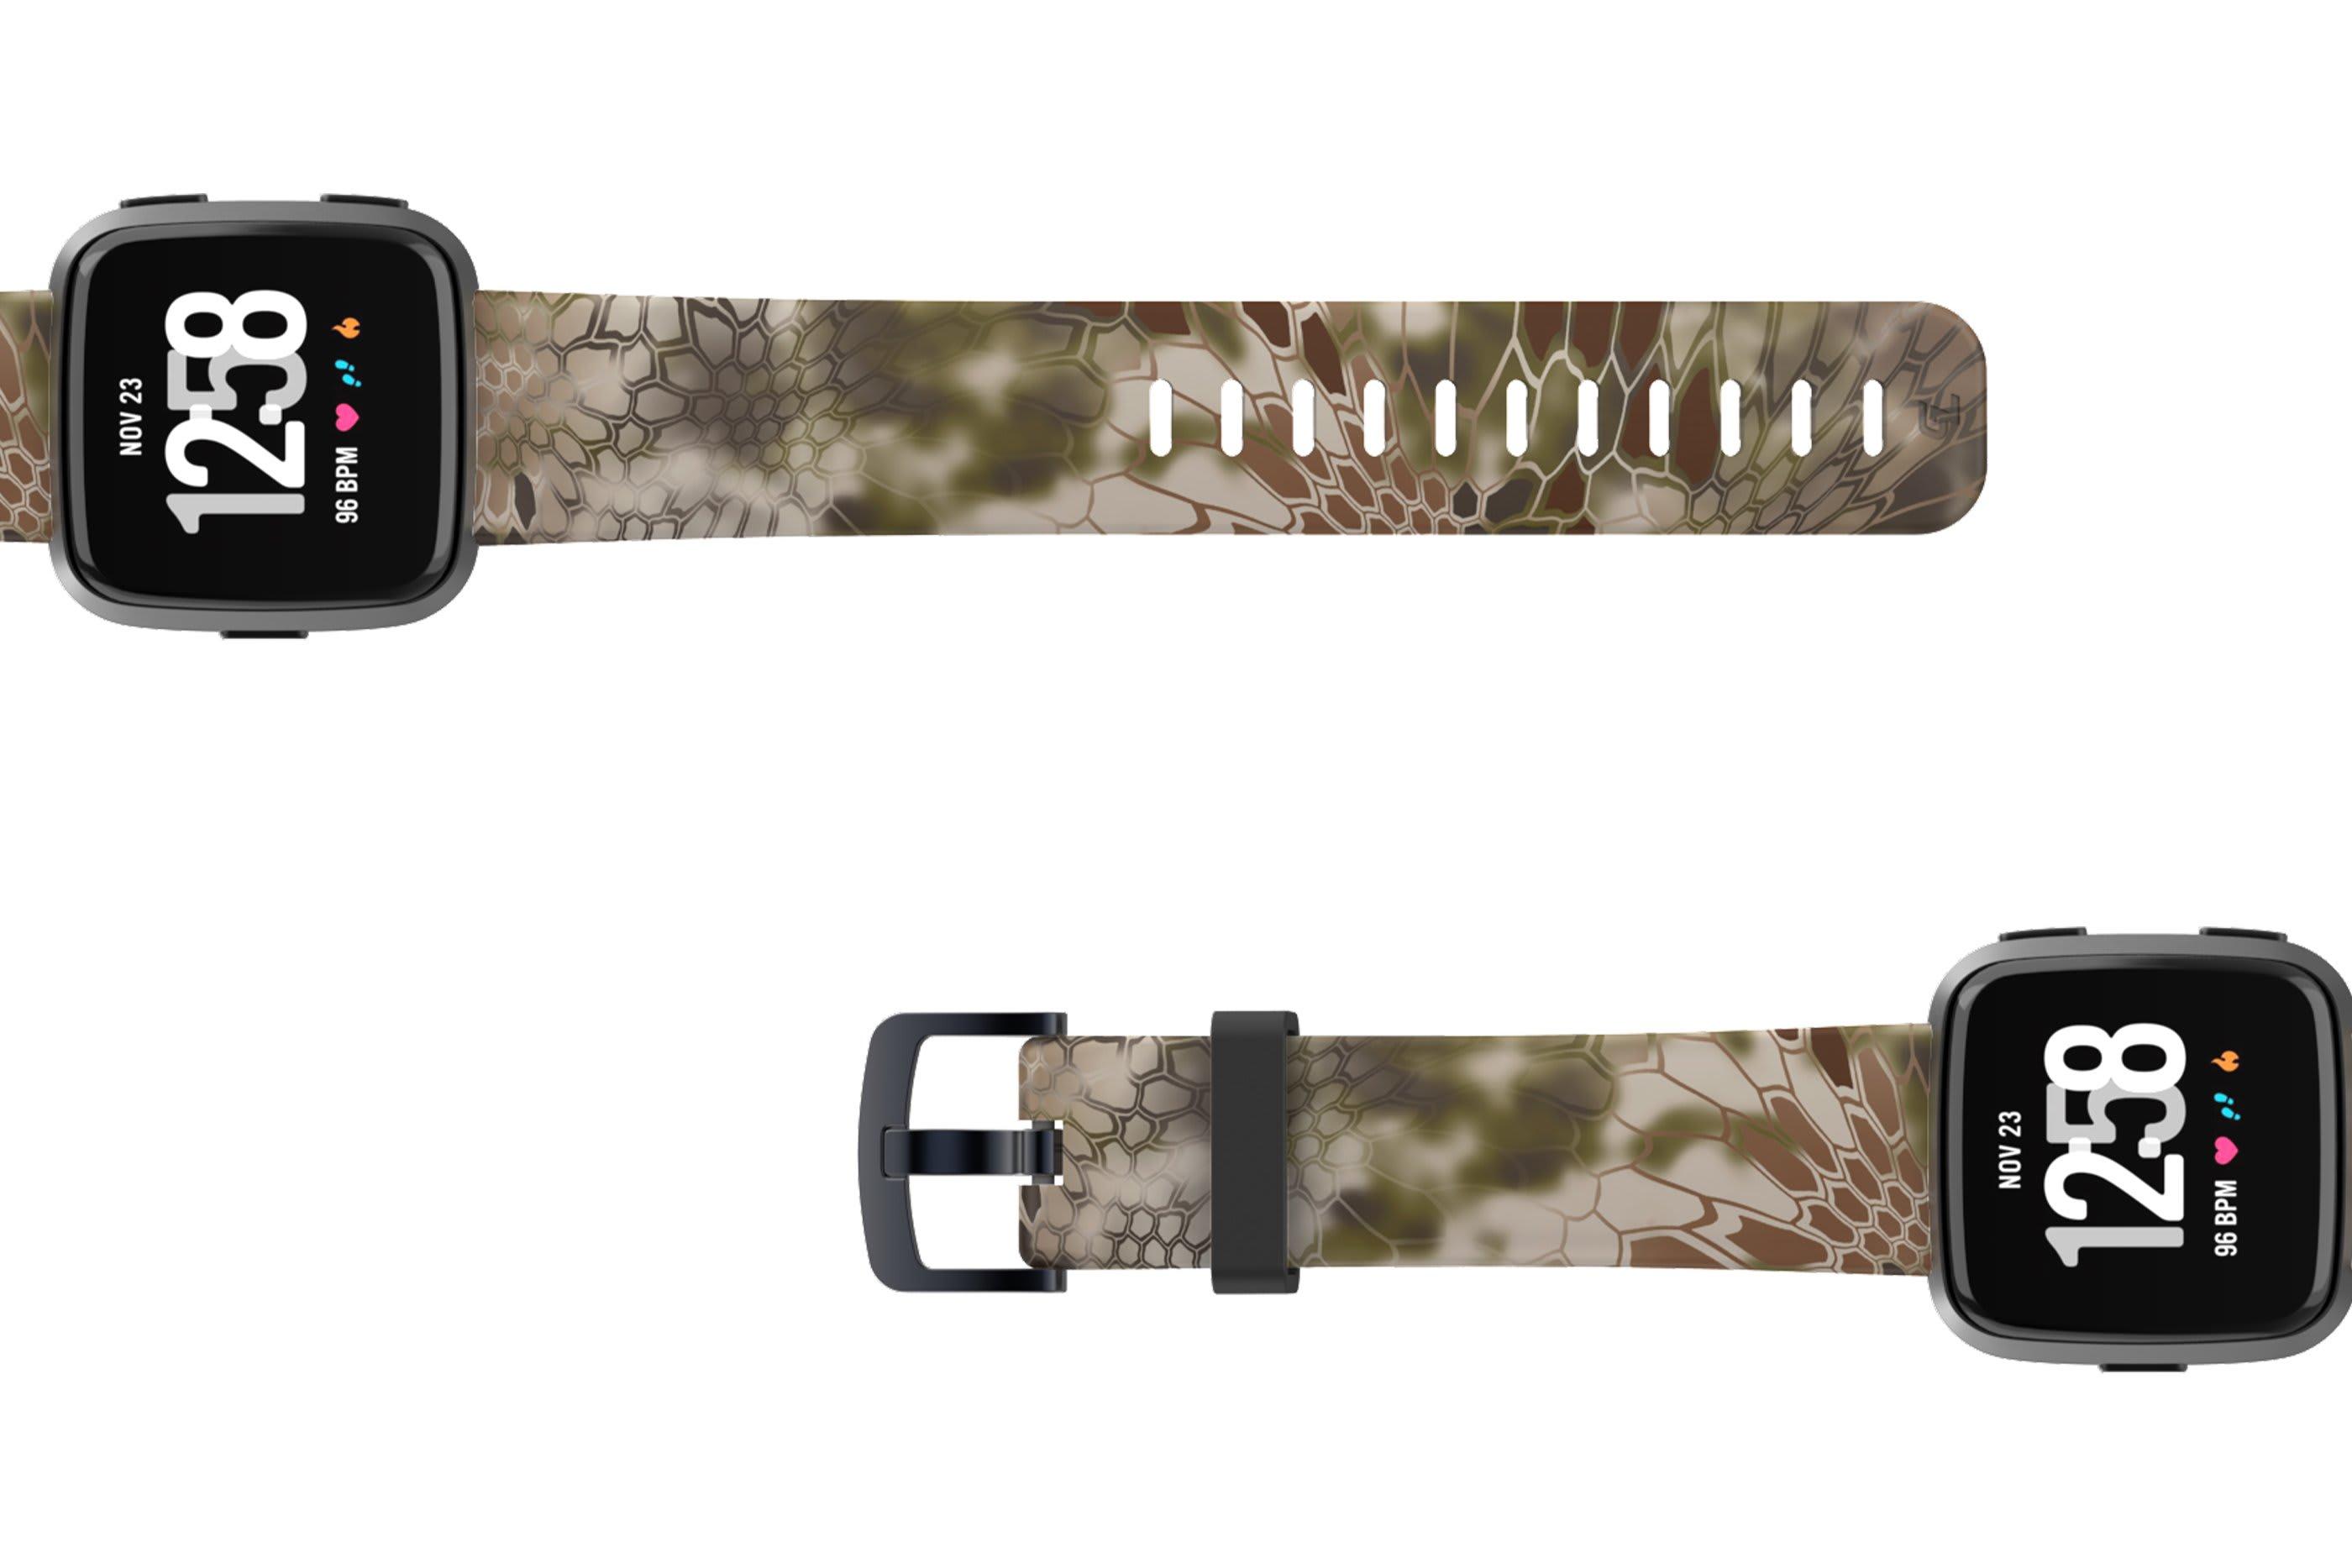 Kryptek Highlander Fitbit Versa   watch band viewed bottom up